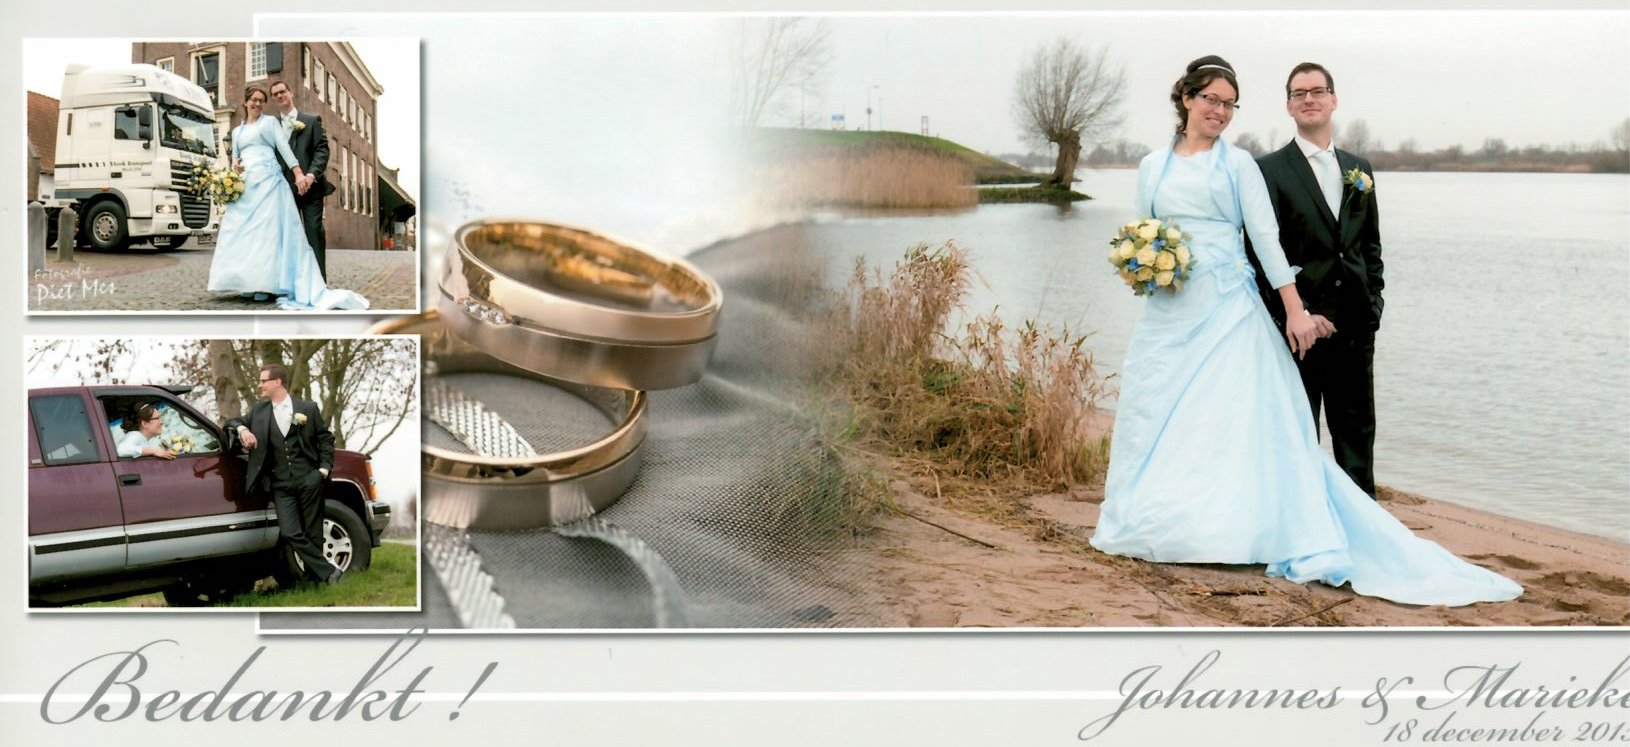 15-12-18 Johannes & Marieke Vonk